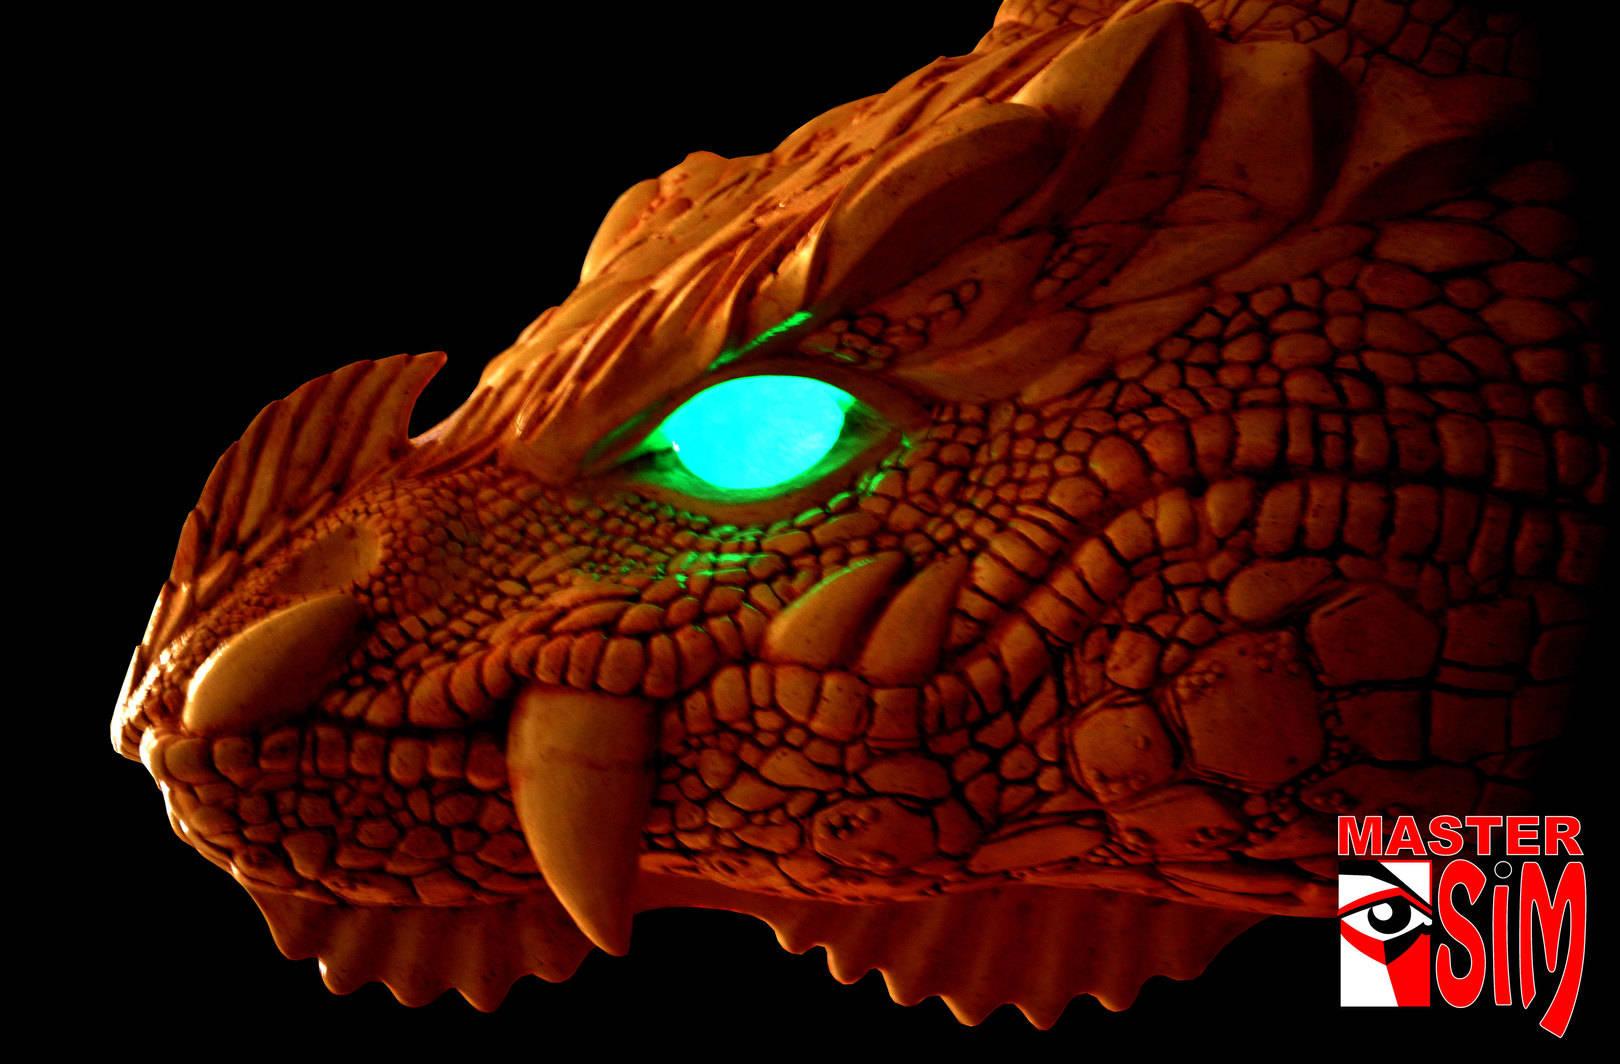 Голова Дракона для входной группы домов